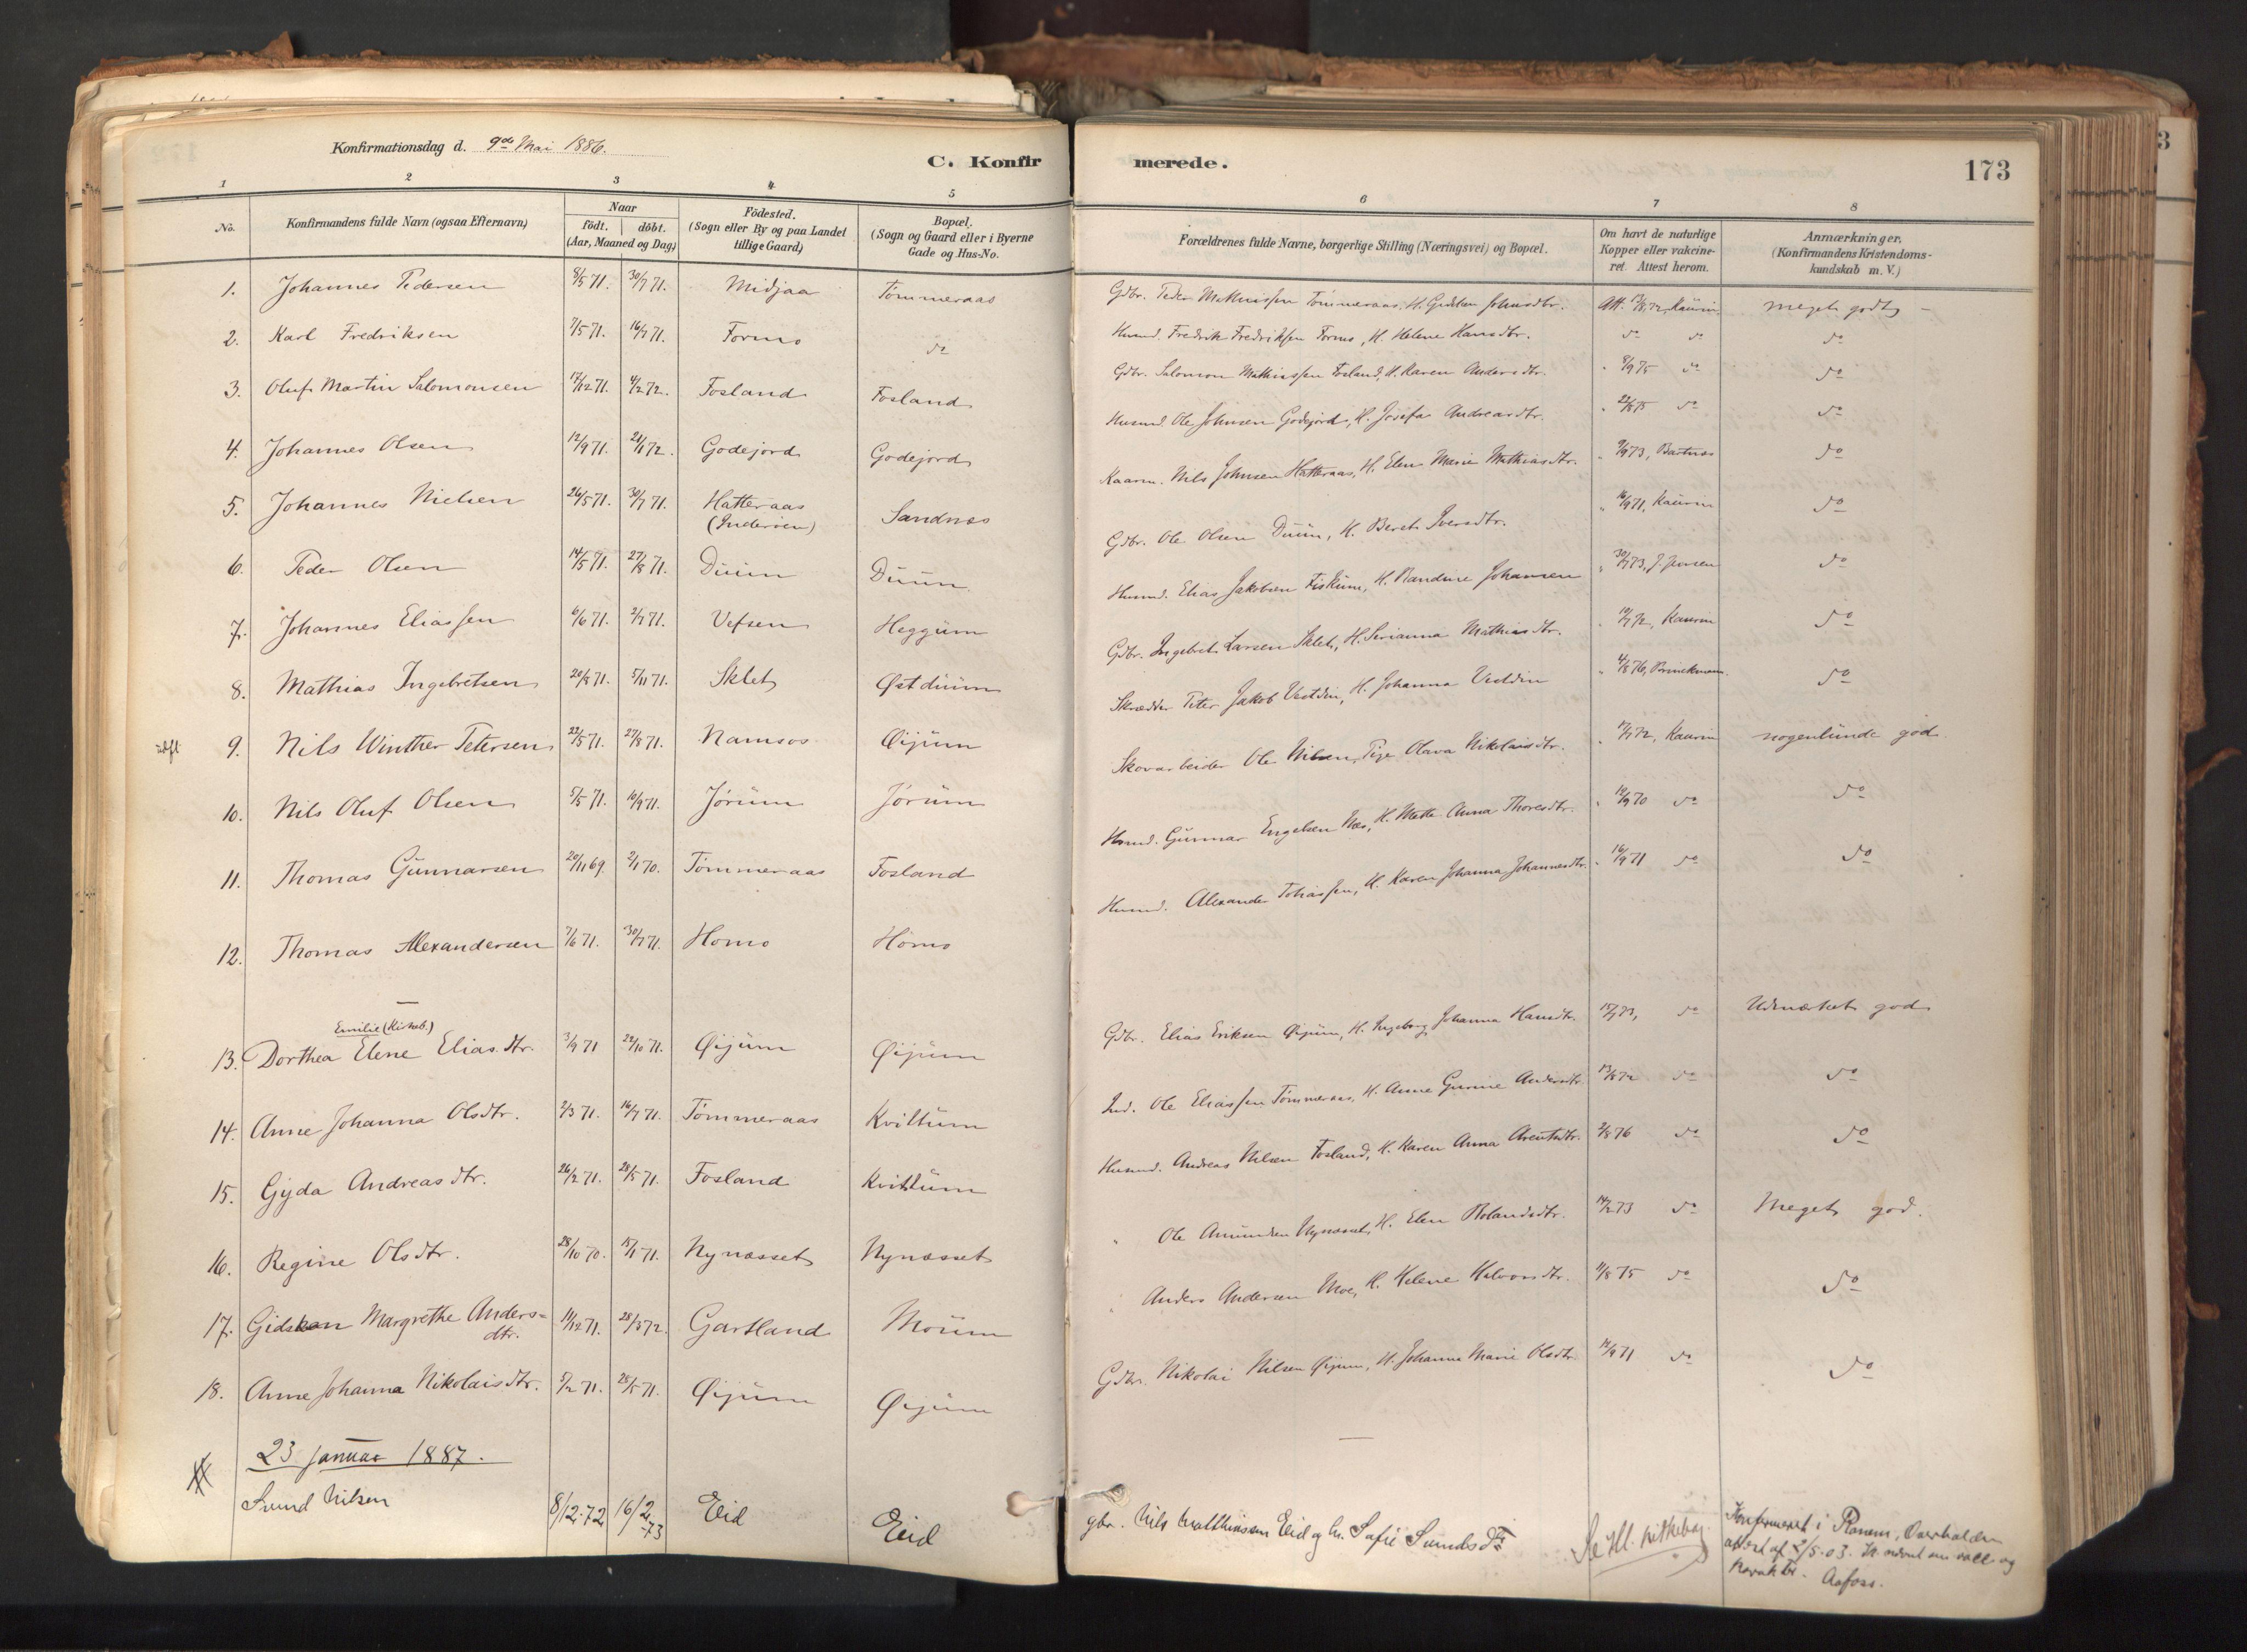 SAT, Ministerialprotokoller, klokkerbøker og fødselsregistre - Nord-Trøndelag, 758/L0519: Ministerialbok nr. 758A04, 1880-1926, s. 173